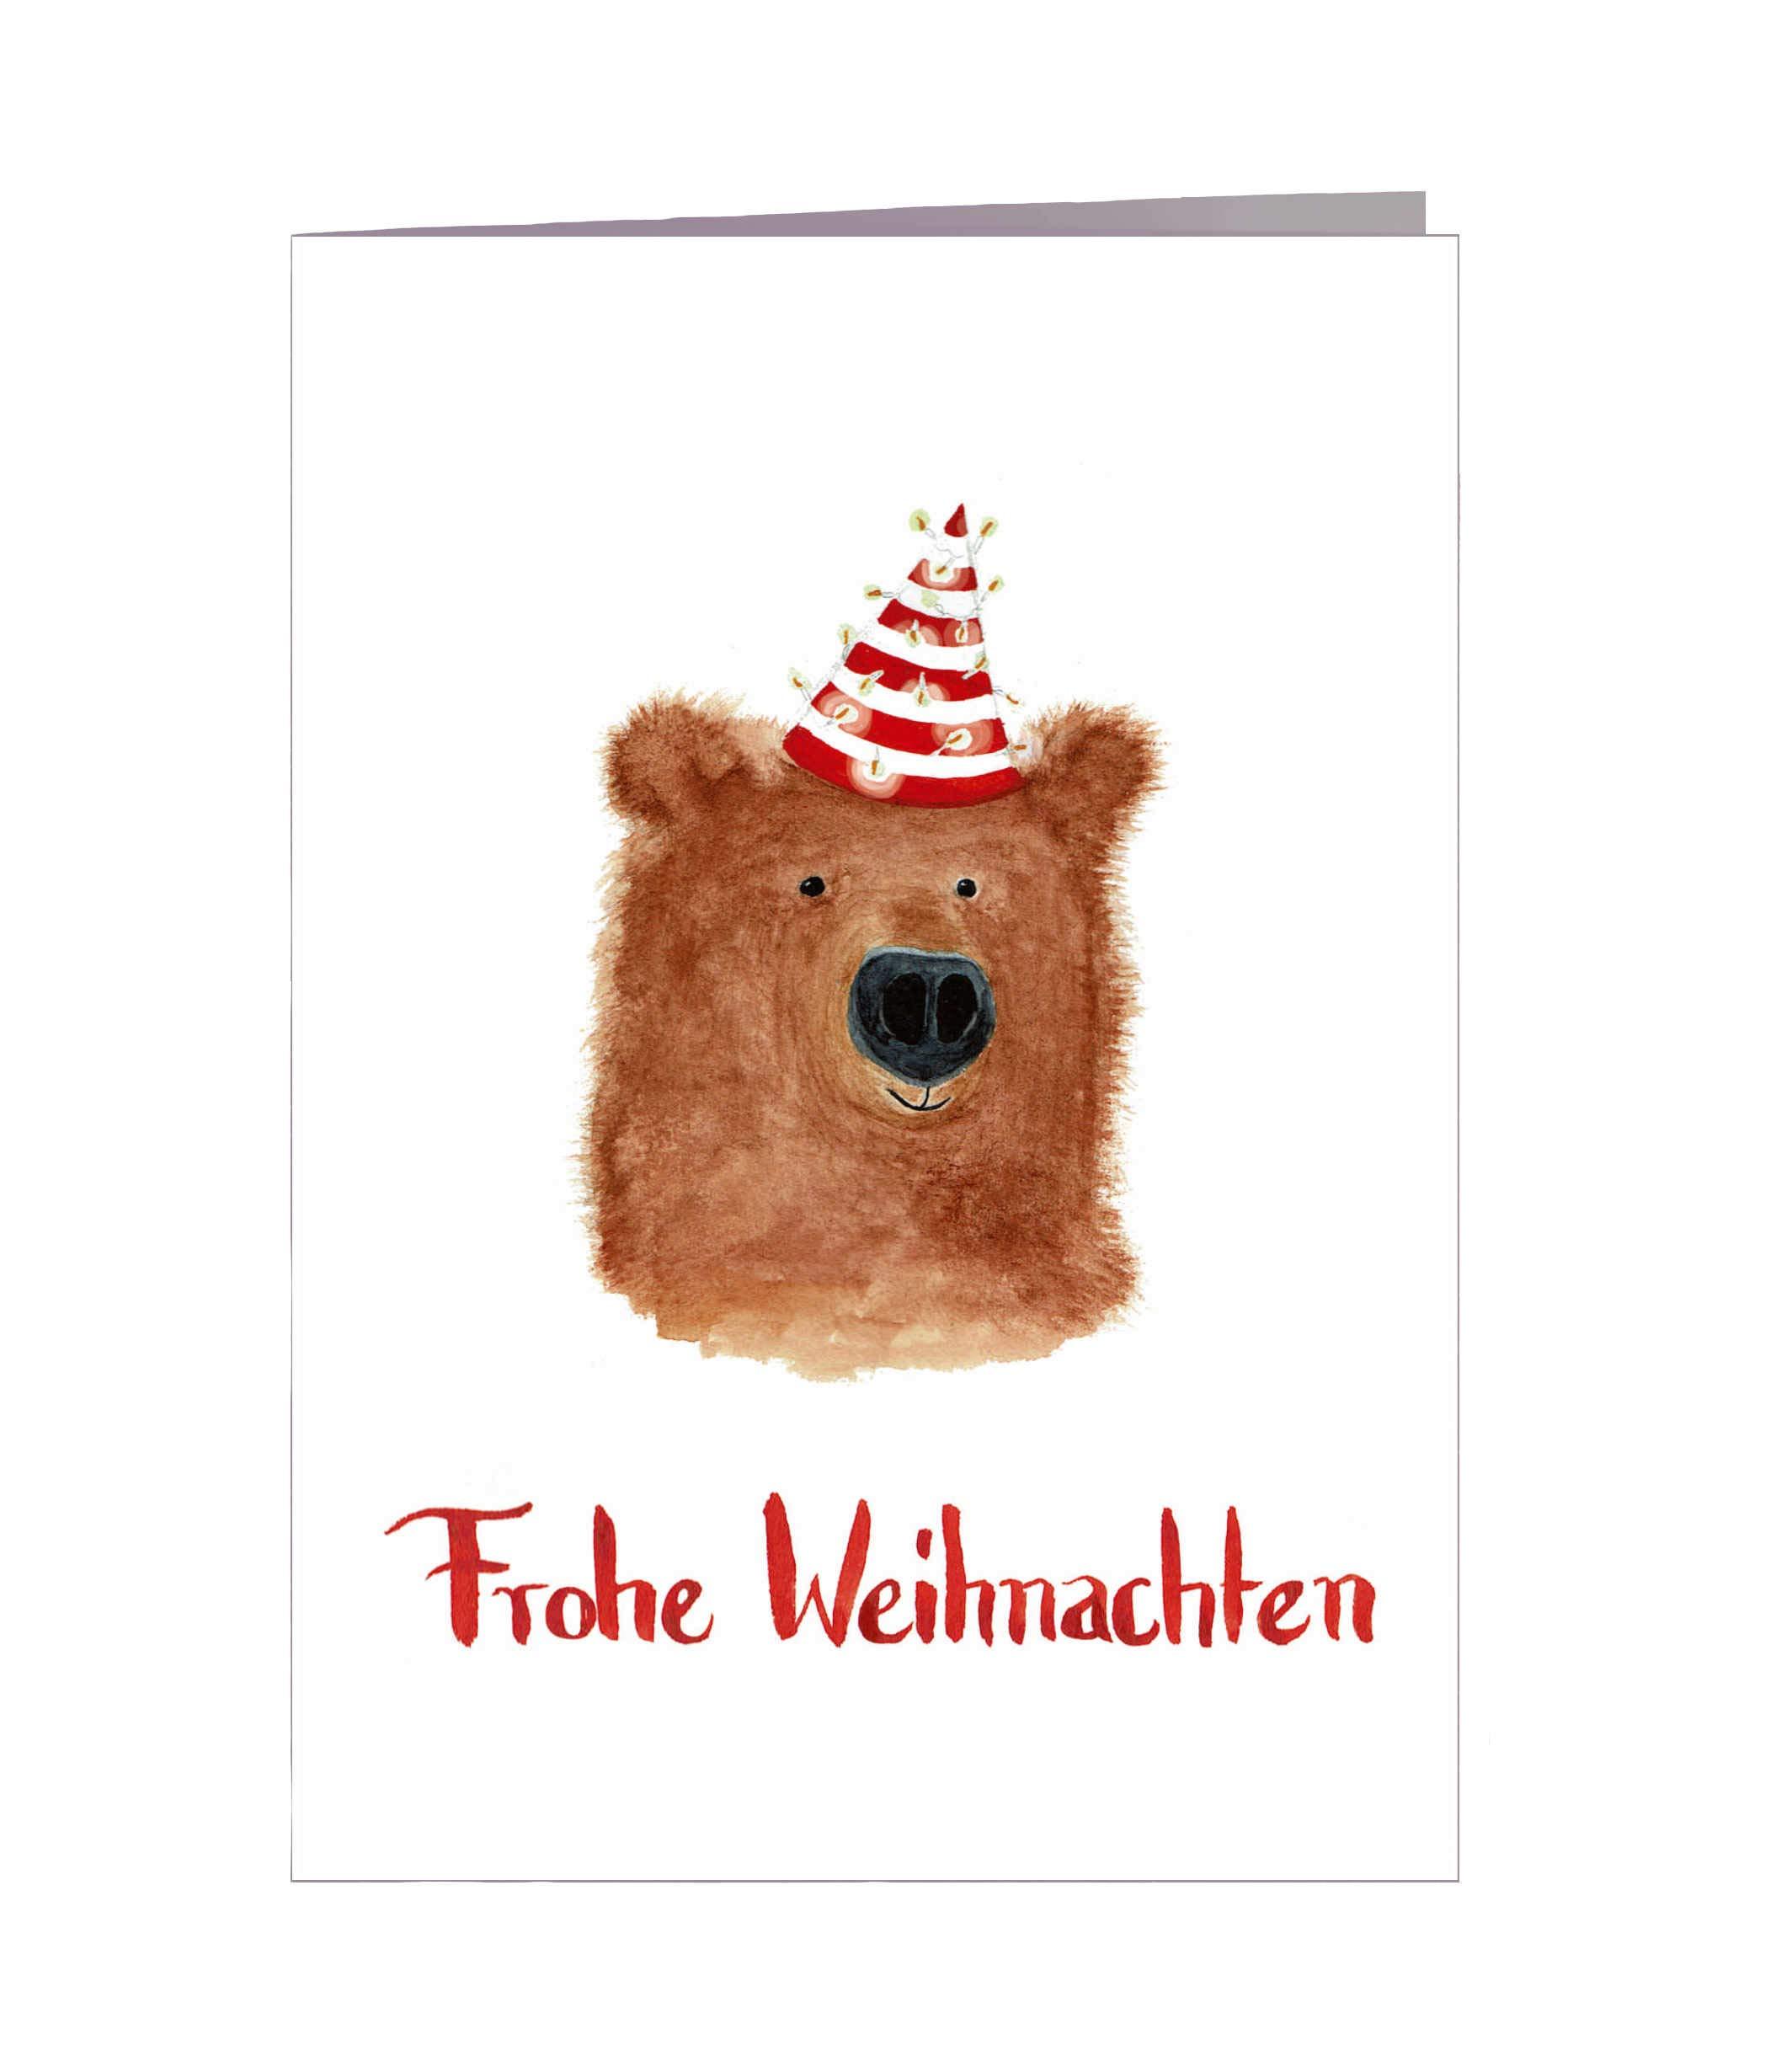 Weihnachtskarten Tiere.Weihnachtskarten Set Frohe Weihnachten 5er Tiere